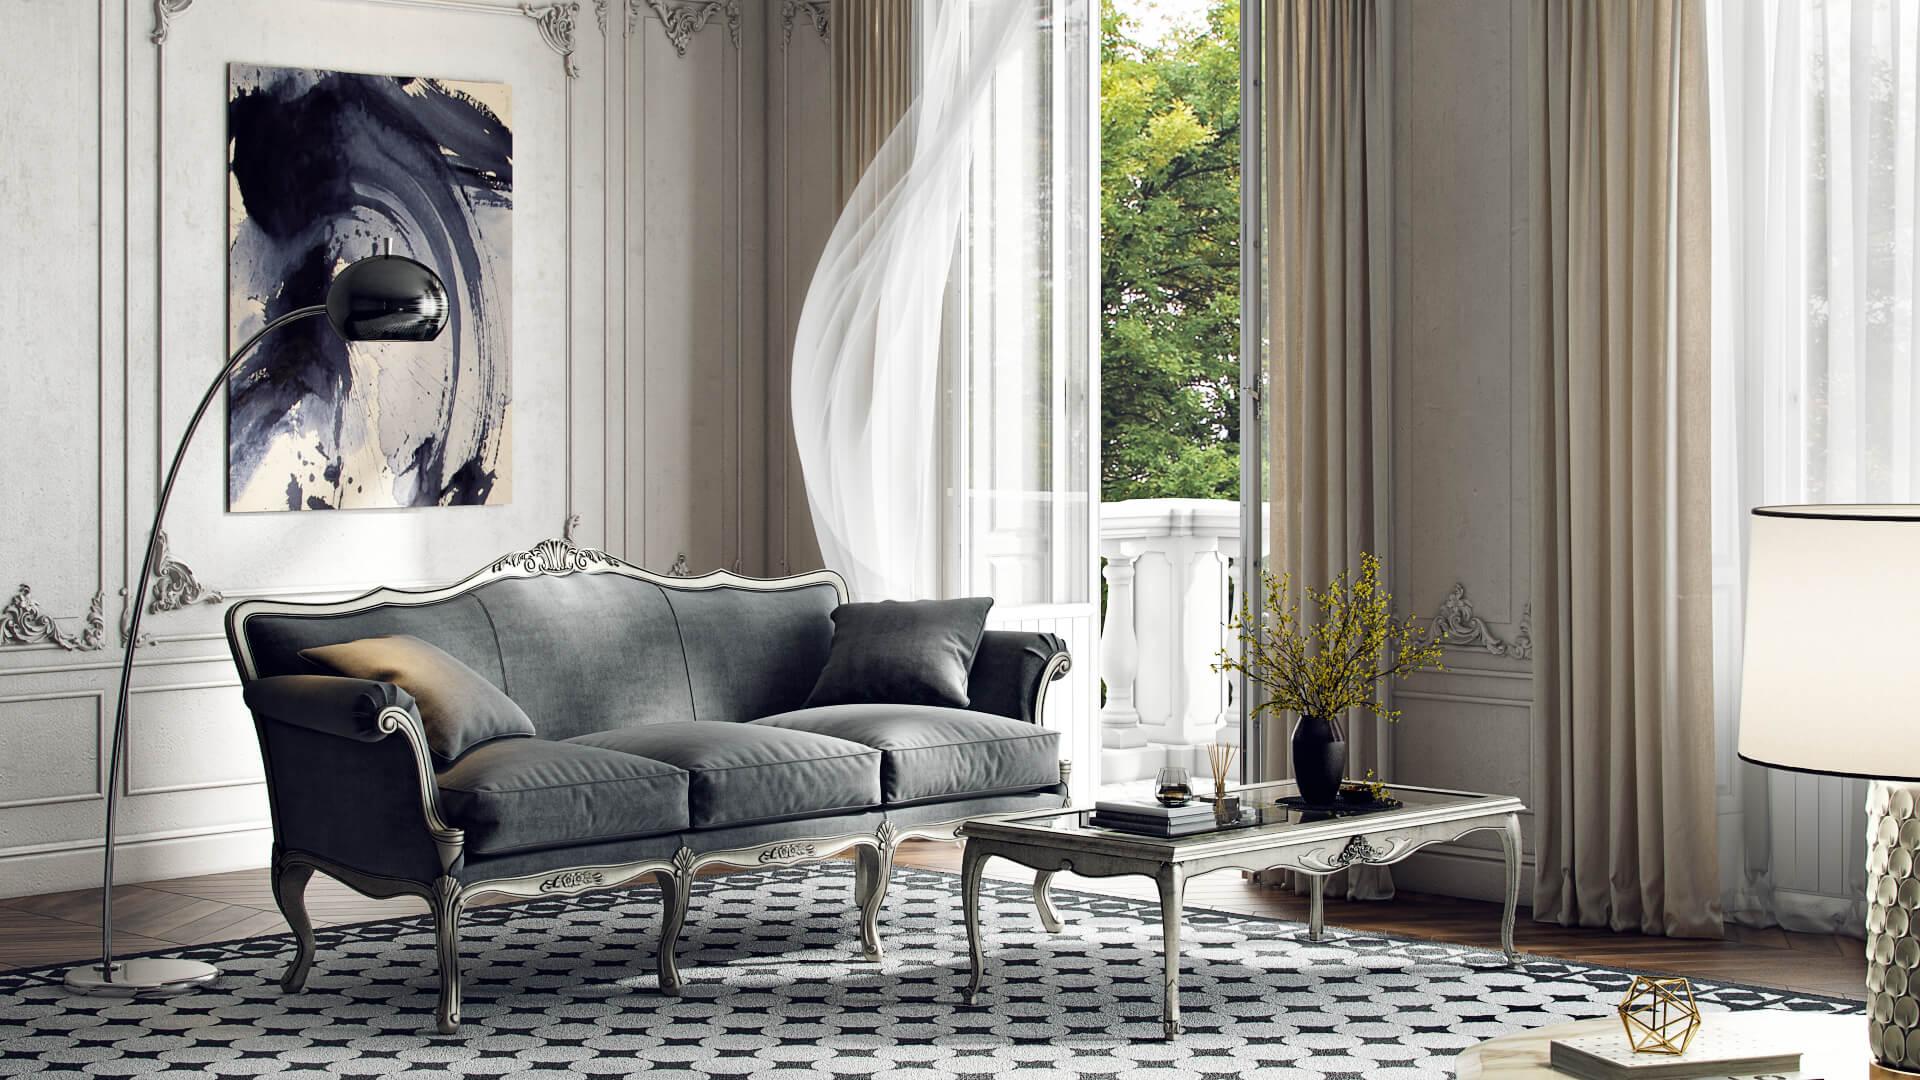 3D Custom Modeling Of Elegant Sofa